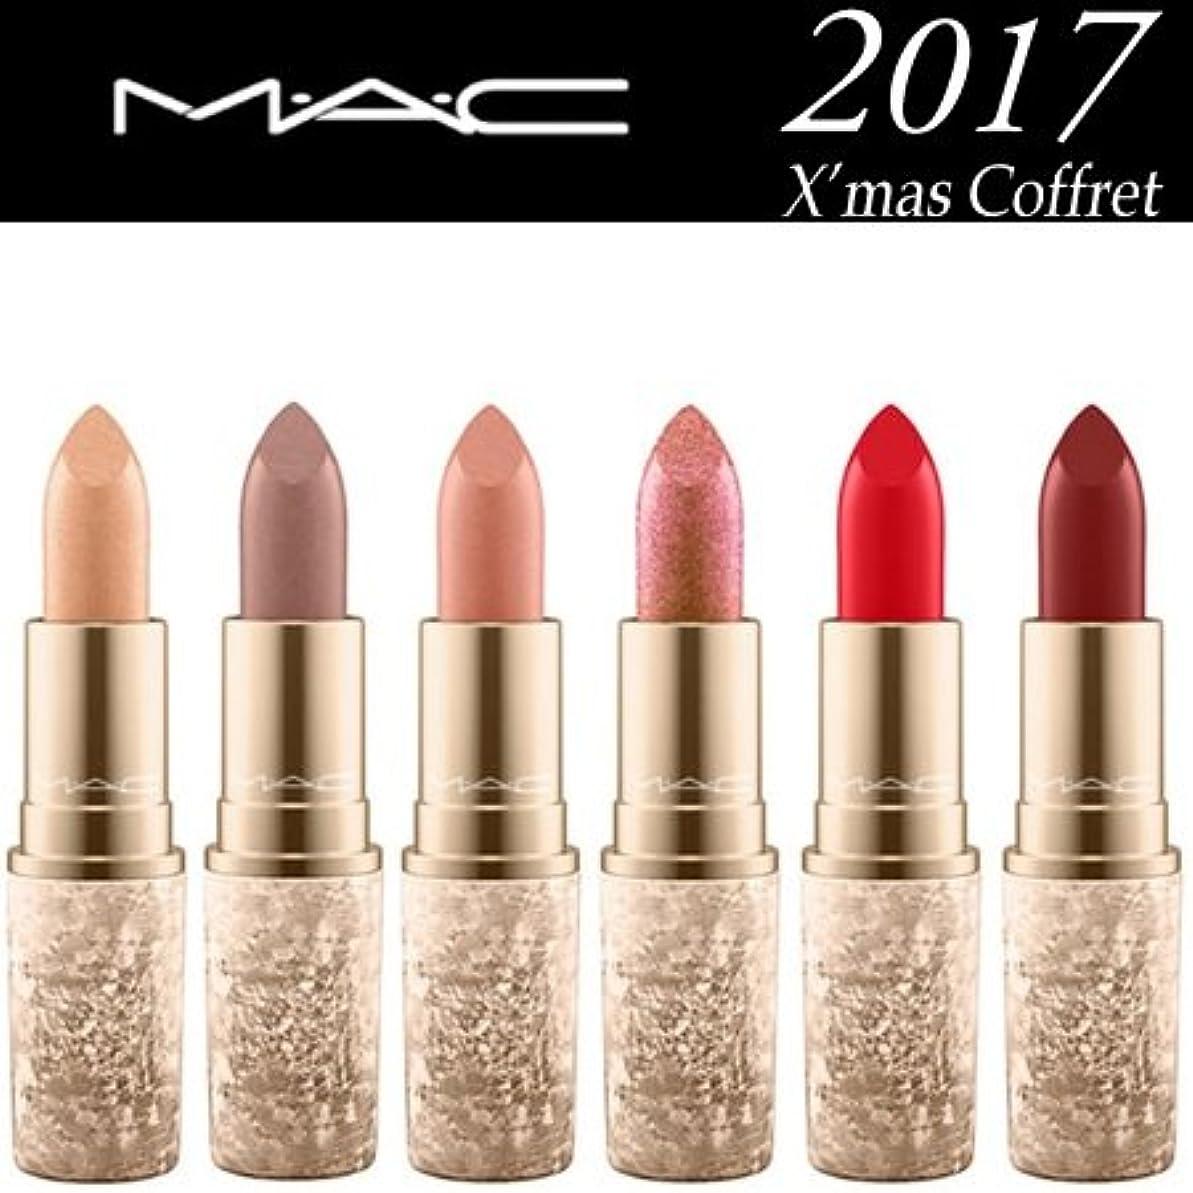 ファイナンス前述の小川マック リップスティック 選べる全6色 限定品 2017 クリスマス コフレ M?A?C -MAC- ウォームアイス